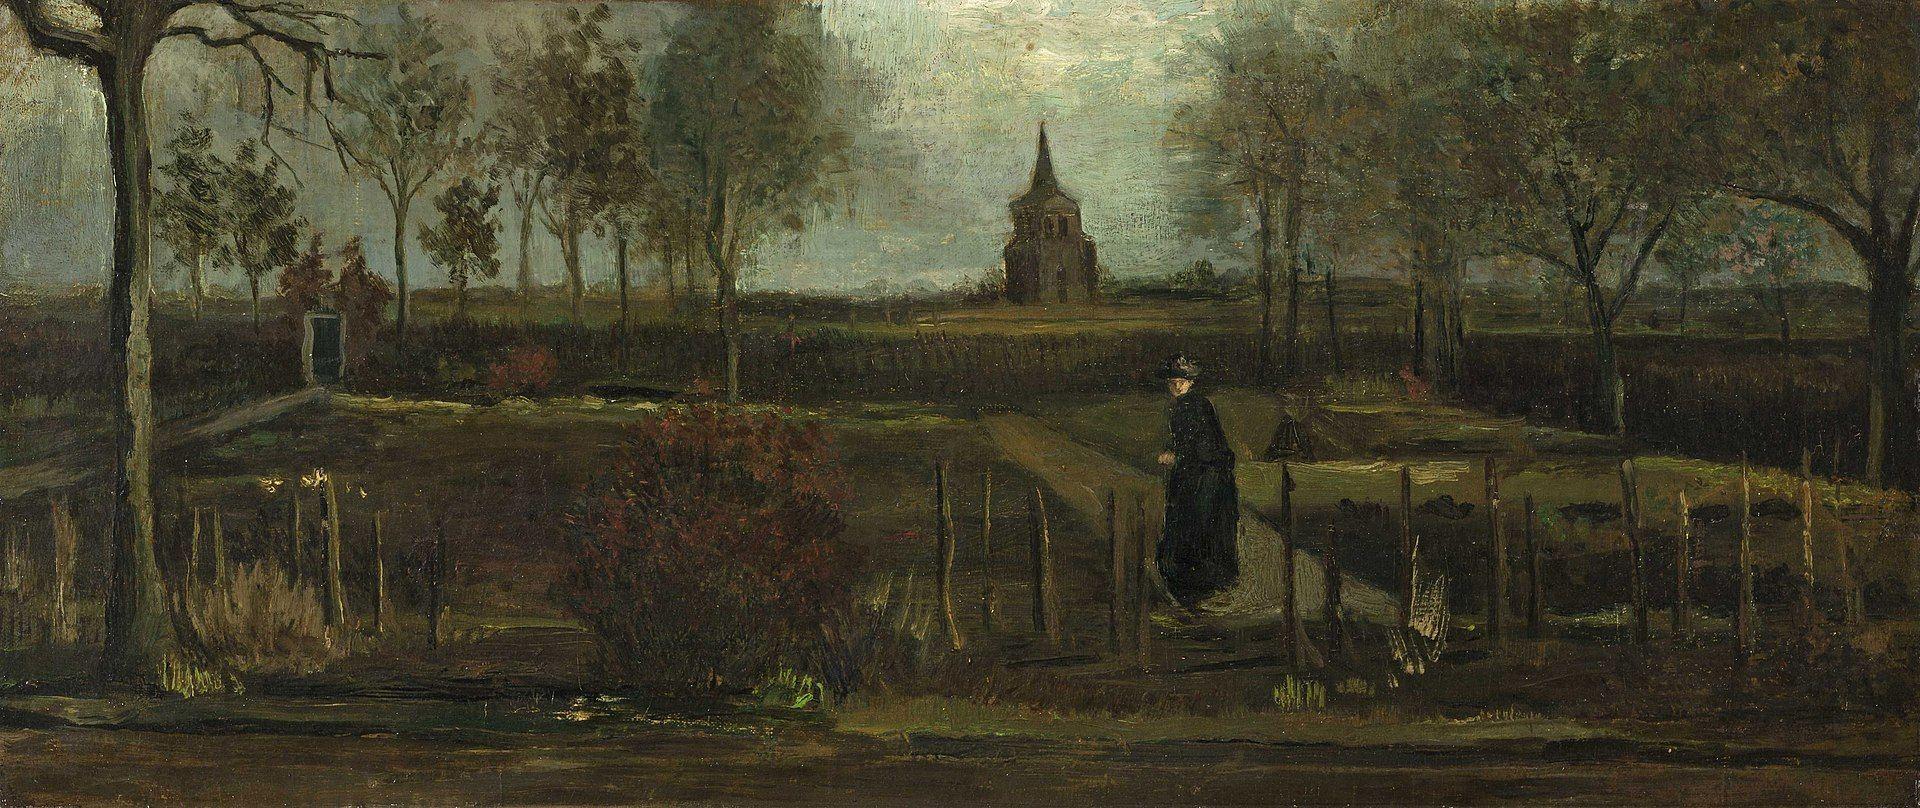 Giardino della canonica a Nuenen in primavera, Van Gogh  - Sputnik Italia, 1920, 18.05.2021